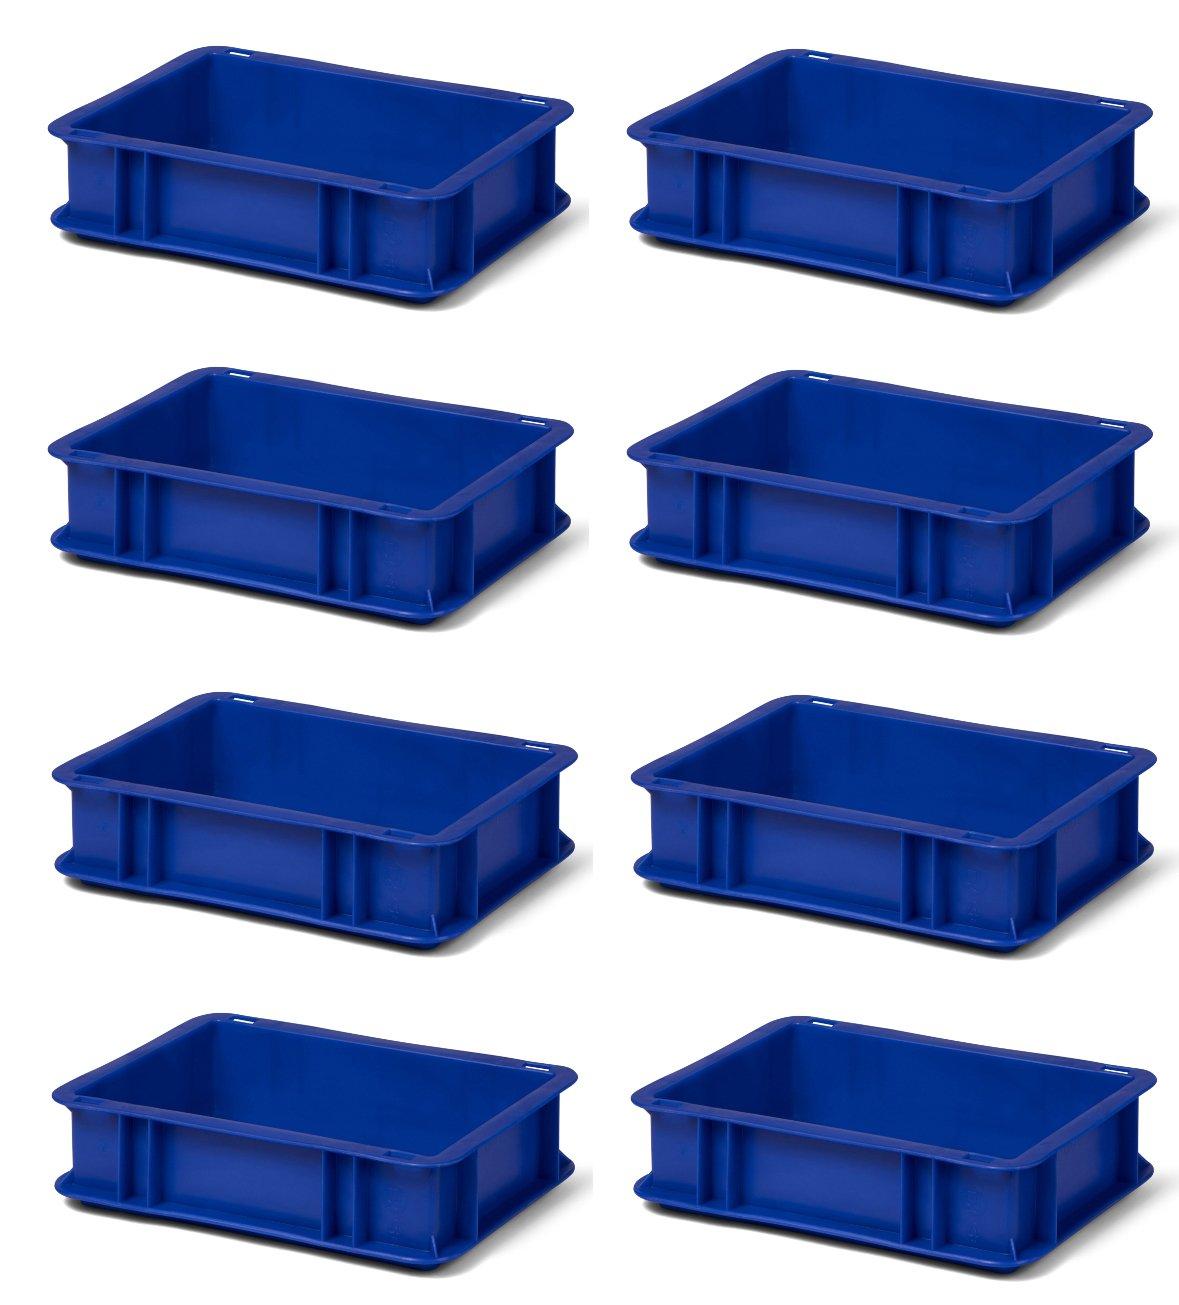 8 Stk. Transport-Stapelkasten TK375-0, blau, 300x200x75 mm (LxBxH), aus PP, Volumen: 3 Liter, Traglast: 25 kg, lebensmittelecht, made in Germany, Industriequalitä t 1a-Topstore